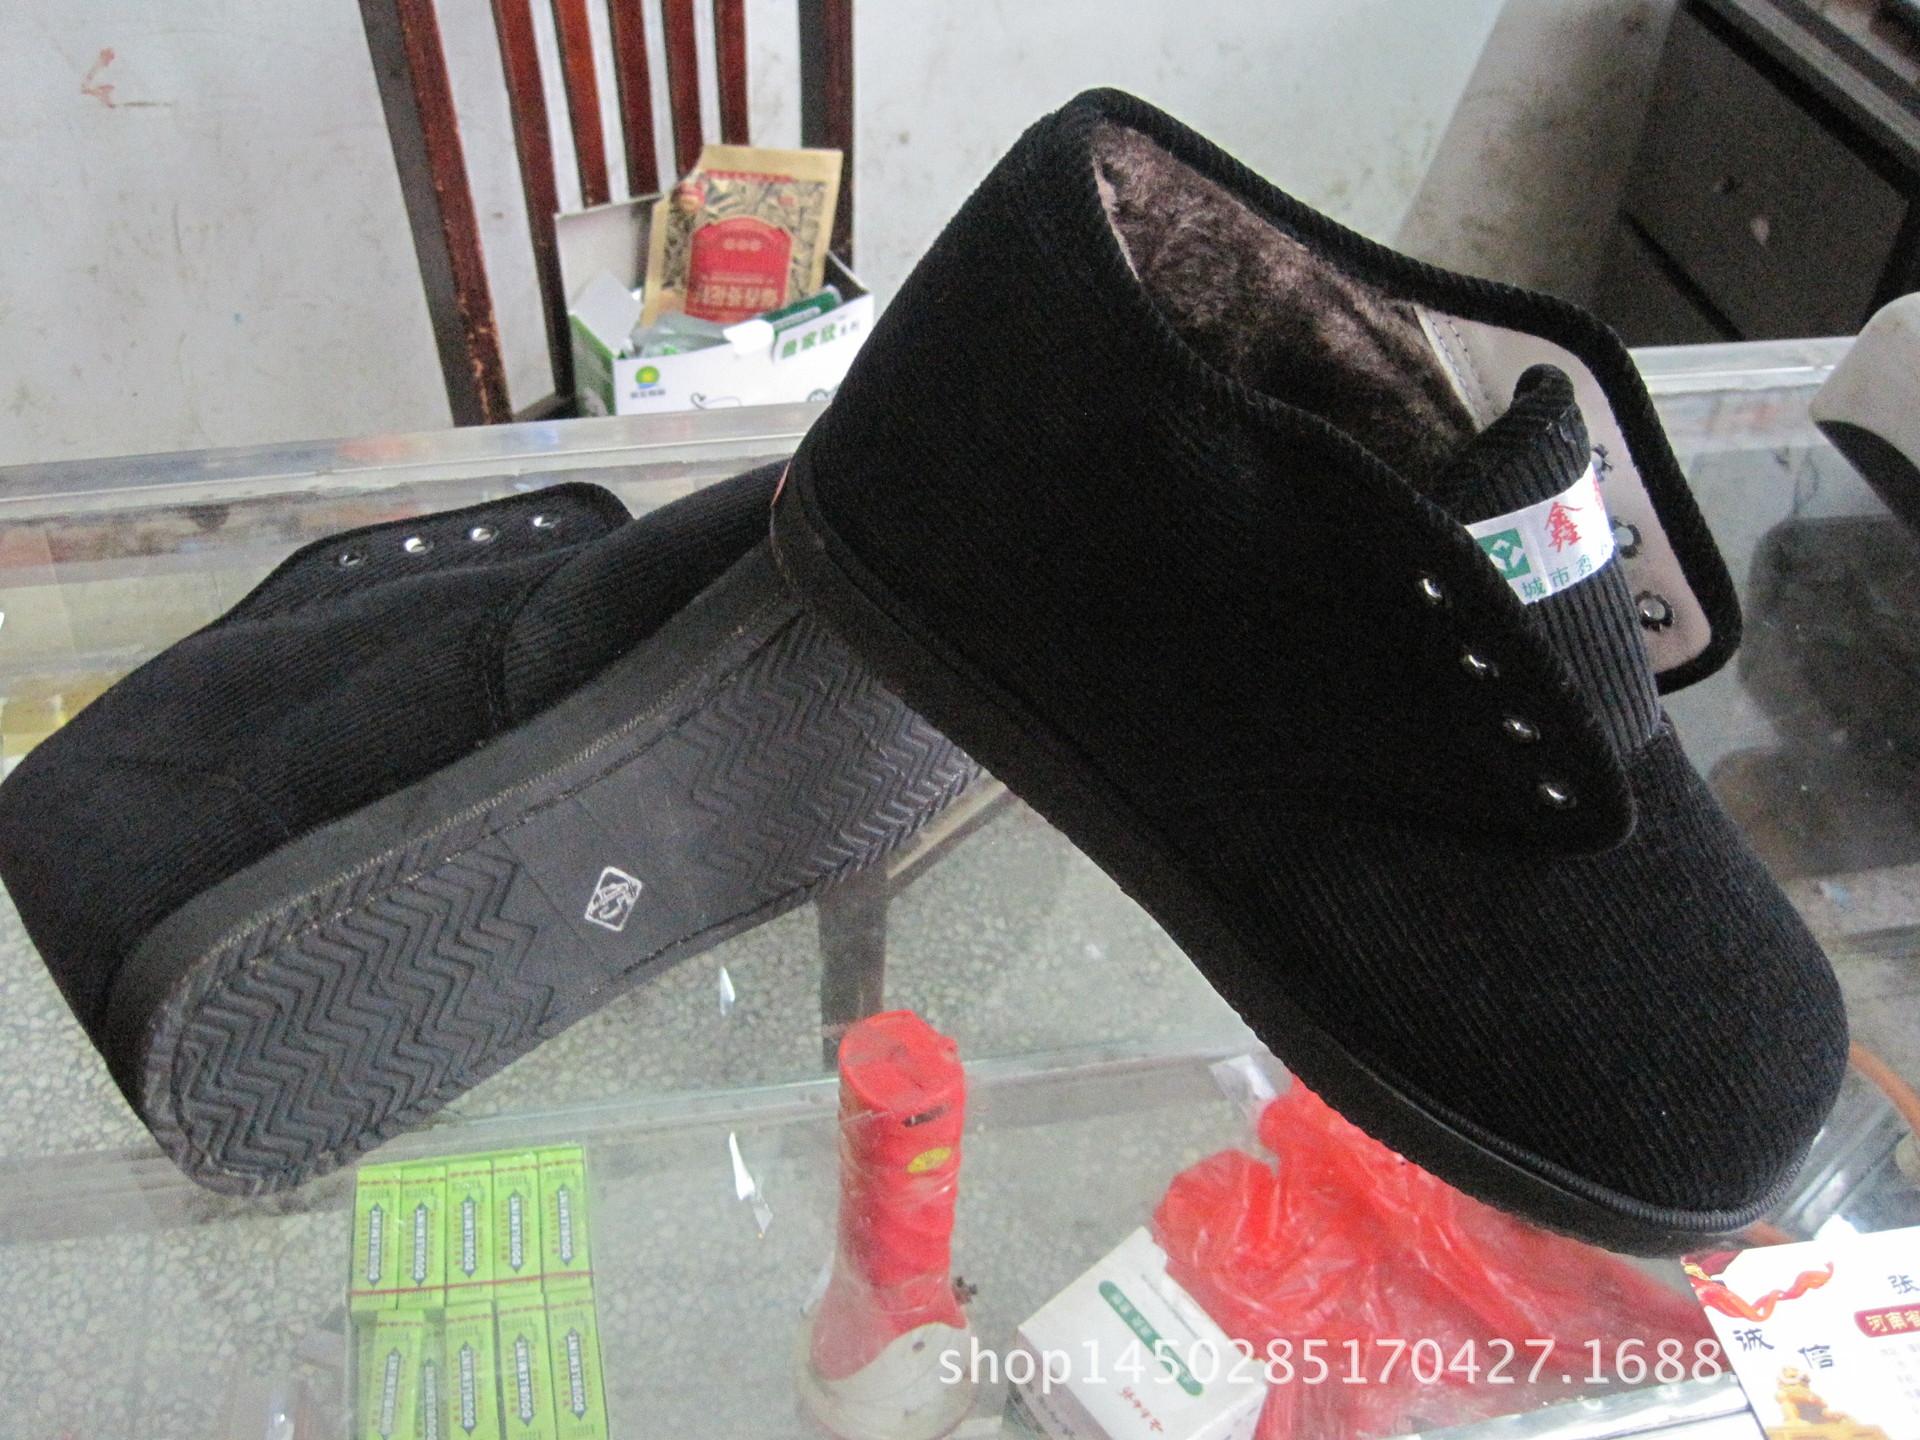 新款保暖鞋二棉鞋 库存鞋